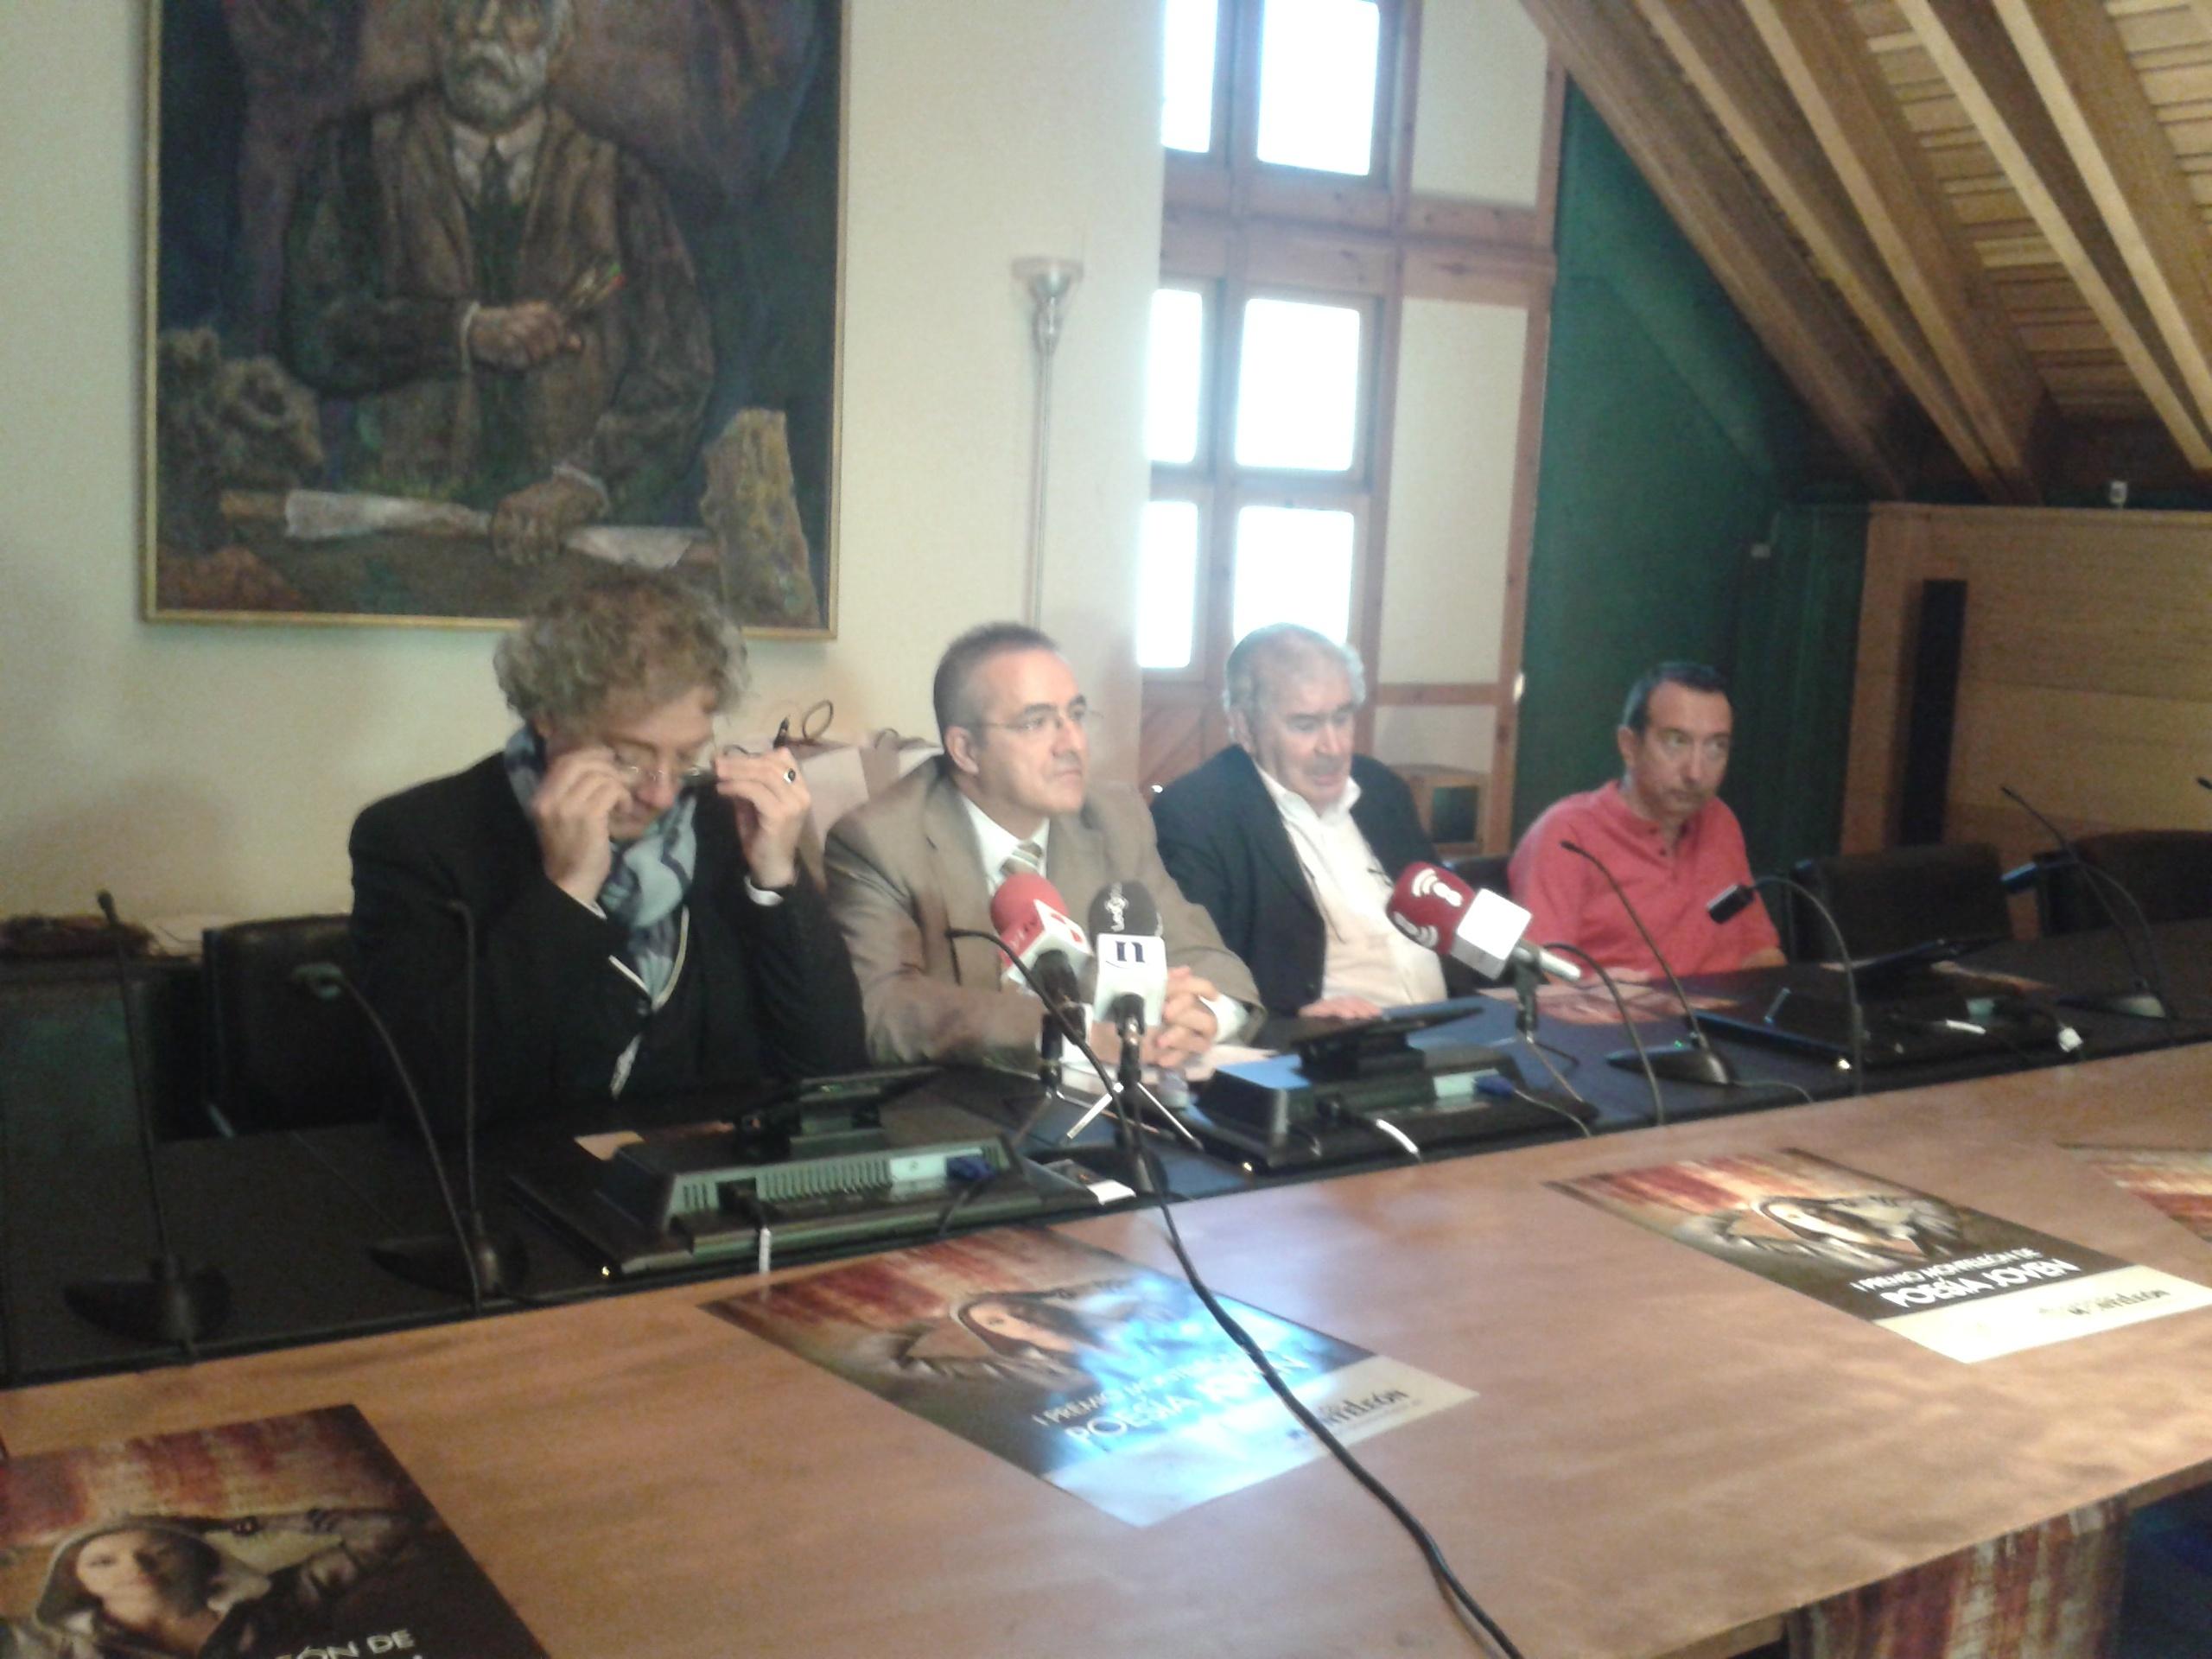 El jurado otorga por unanimidad el I Premio de Poesía Joven MonteLeón al castellonense Carlos Loreiro